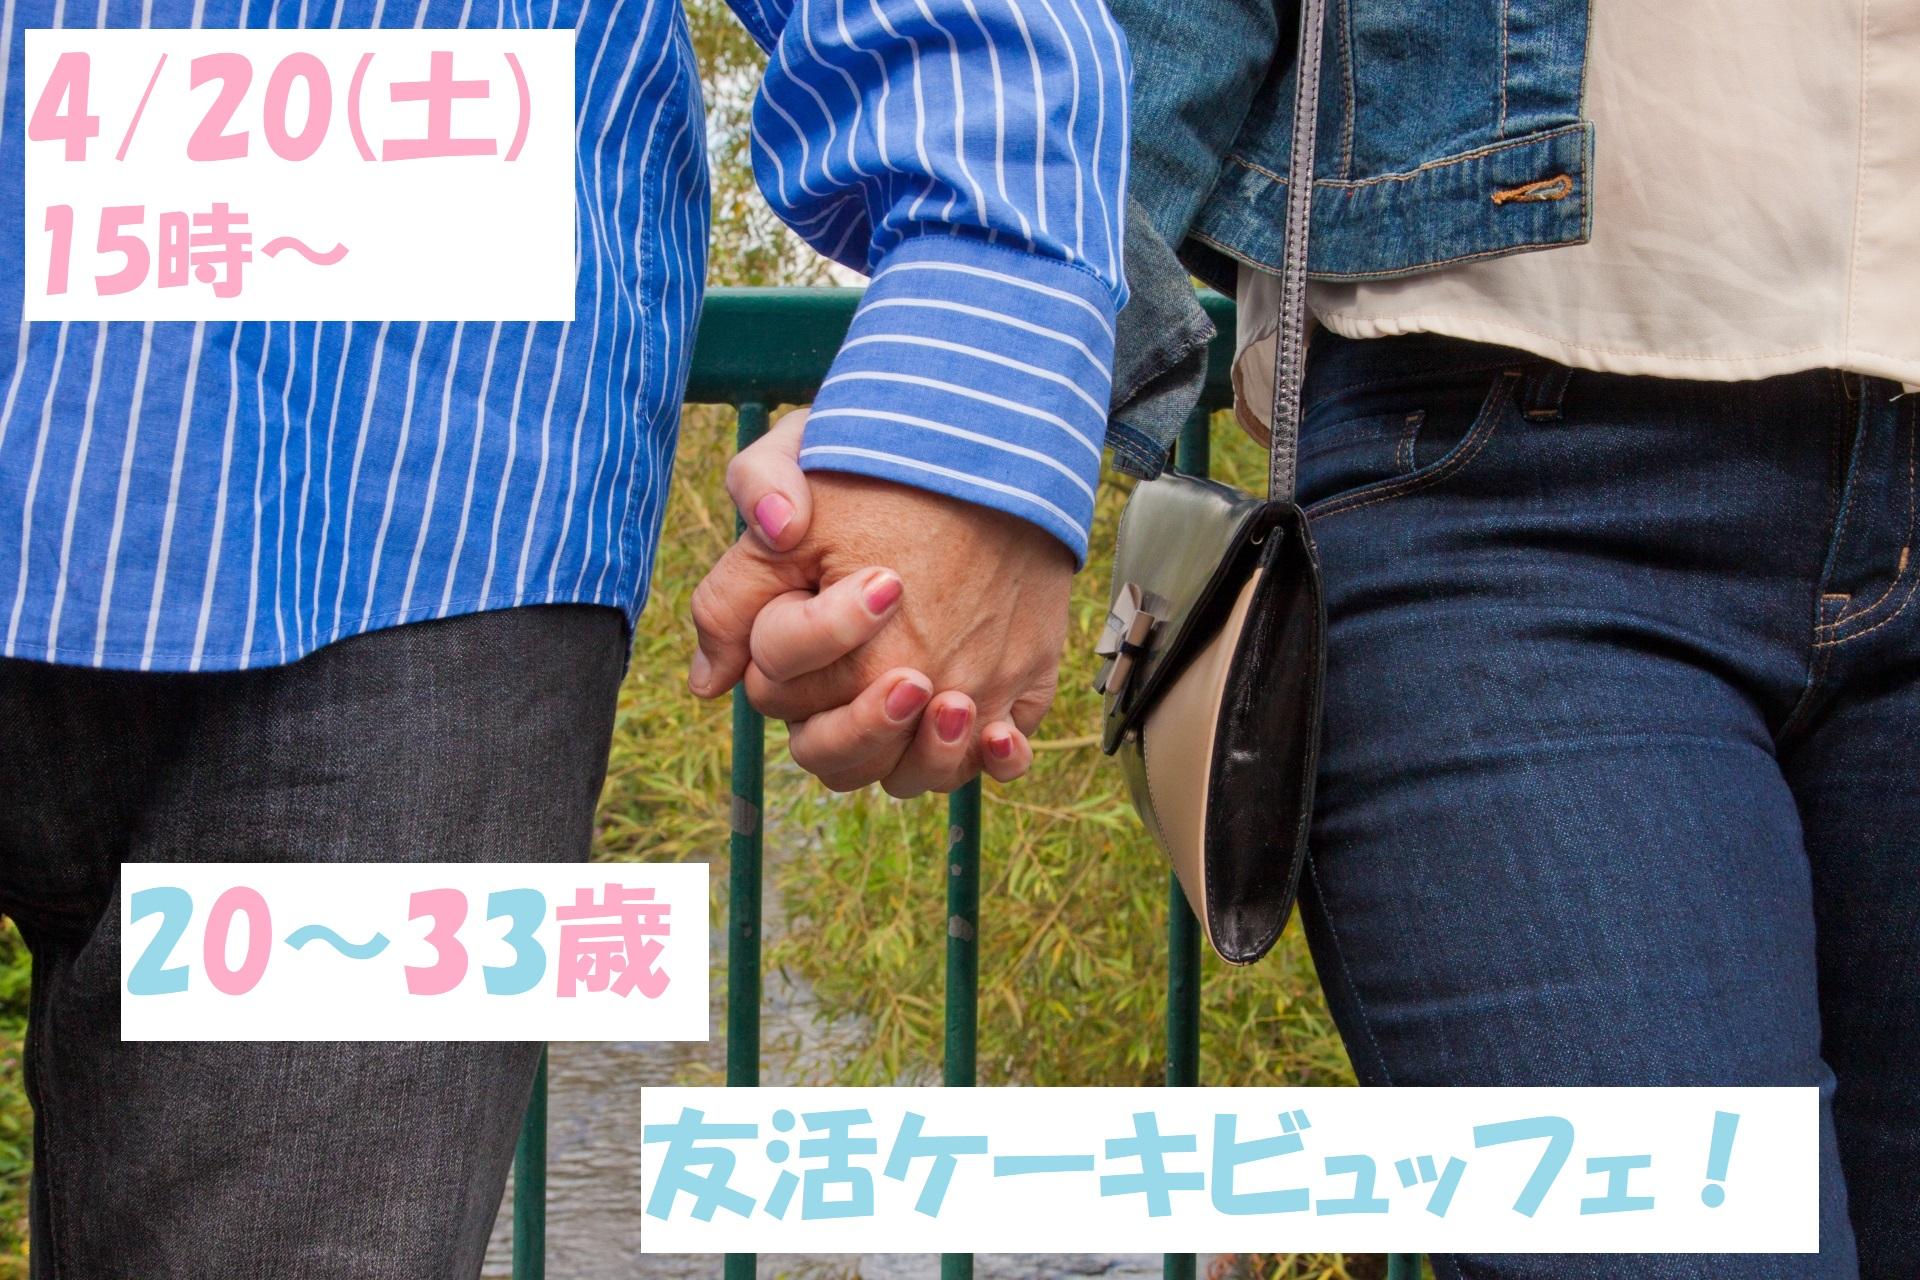 【終了】4月20日(土)15時~【20~33歳】まずは友達が欲しい!友活ケーキビュッフェ!